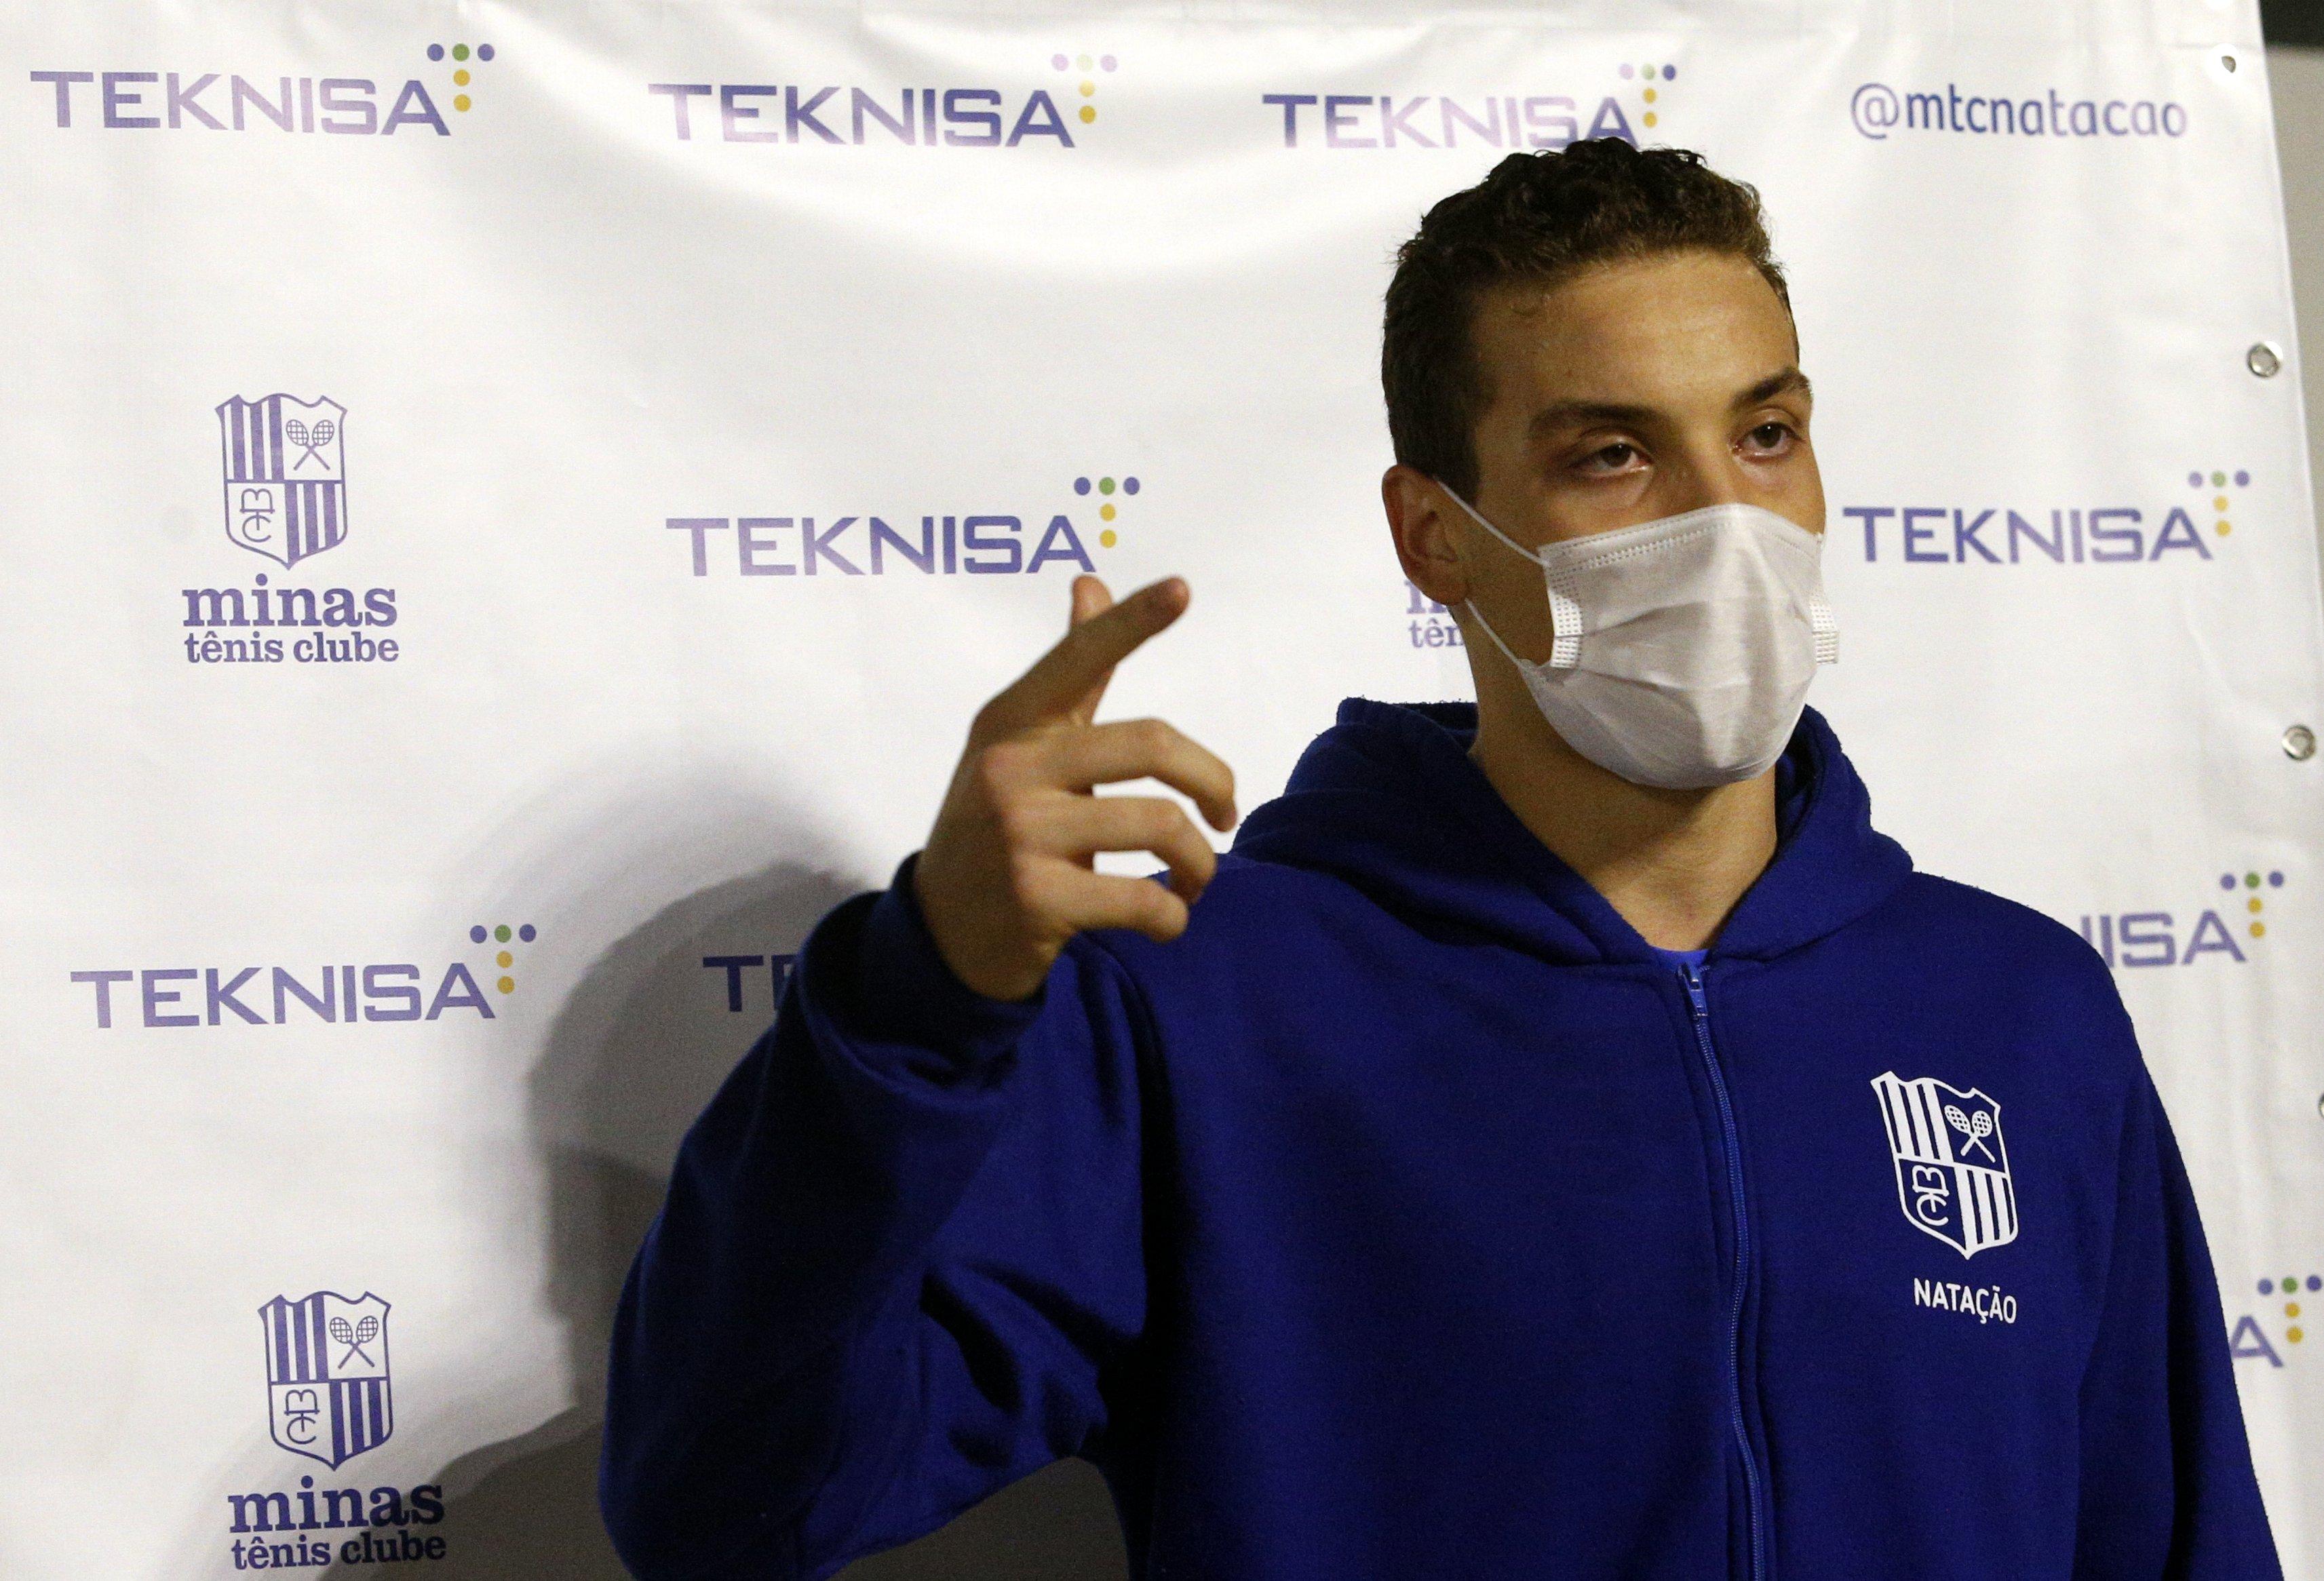 Bruno Rocha elogiou organização do evento e comemorou o retorno às competições